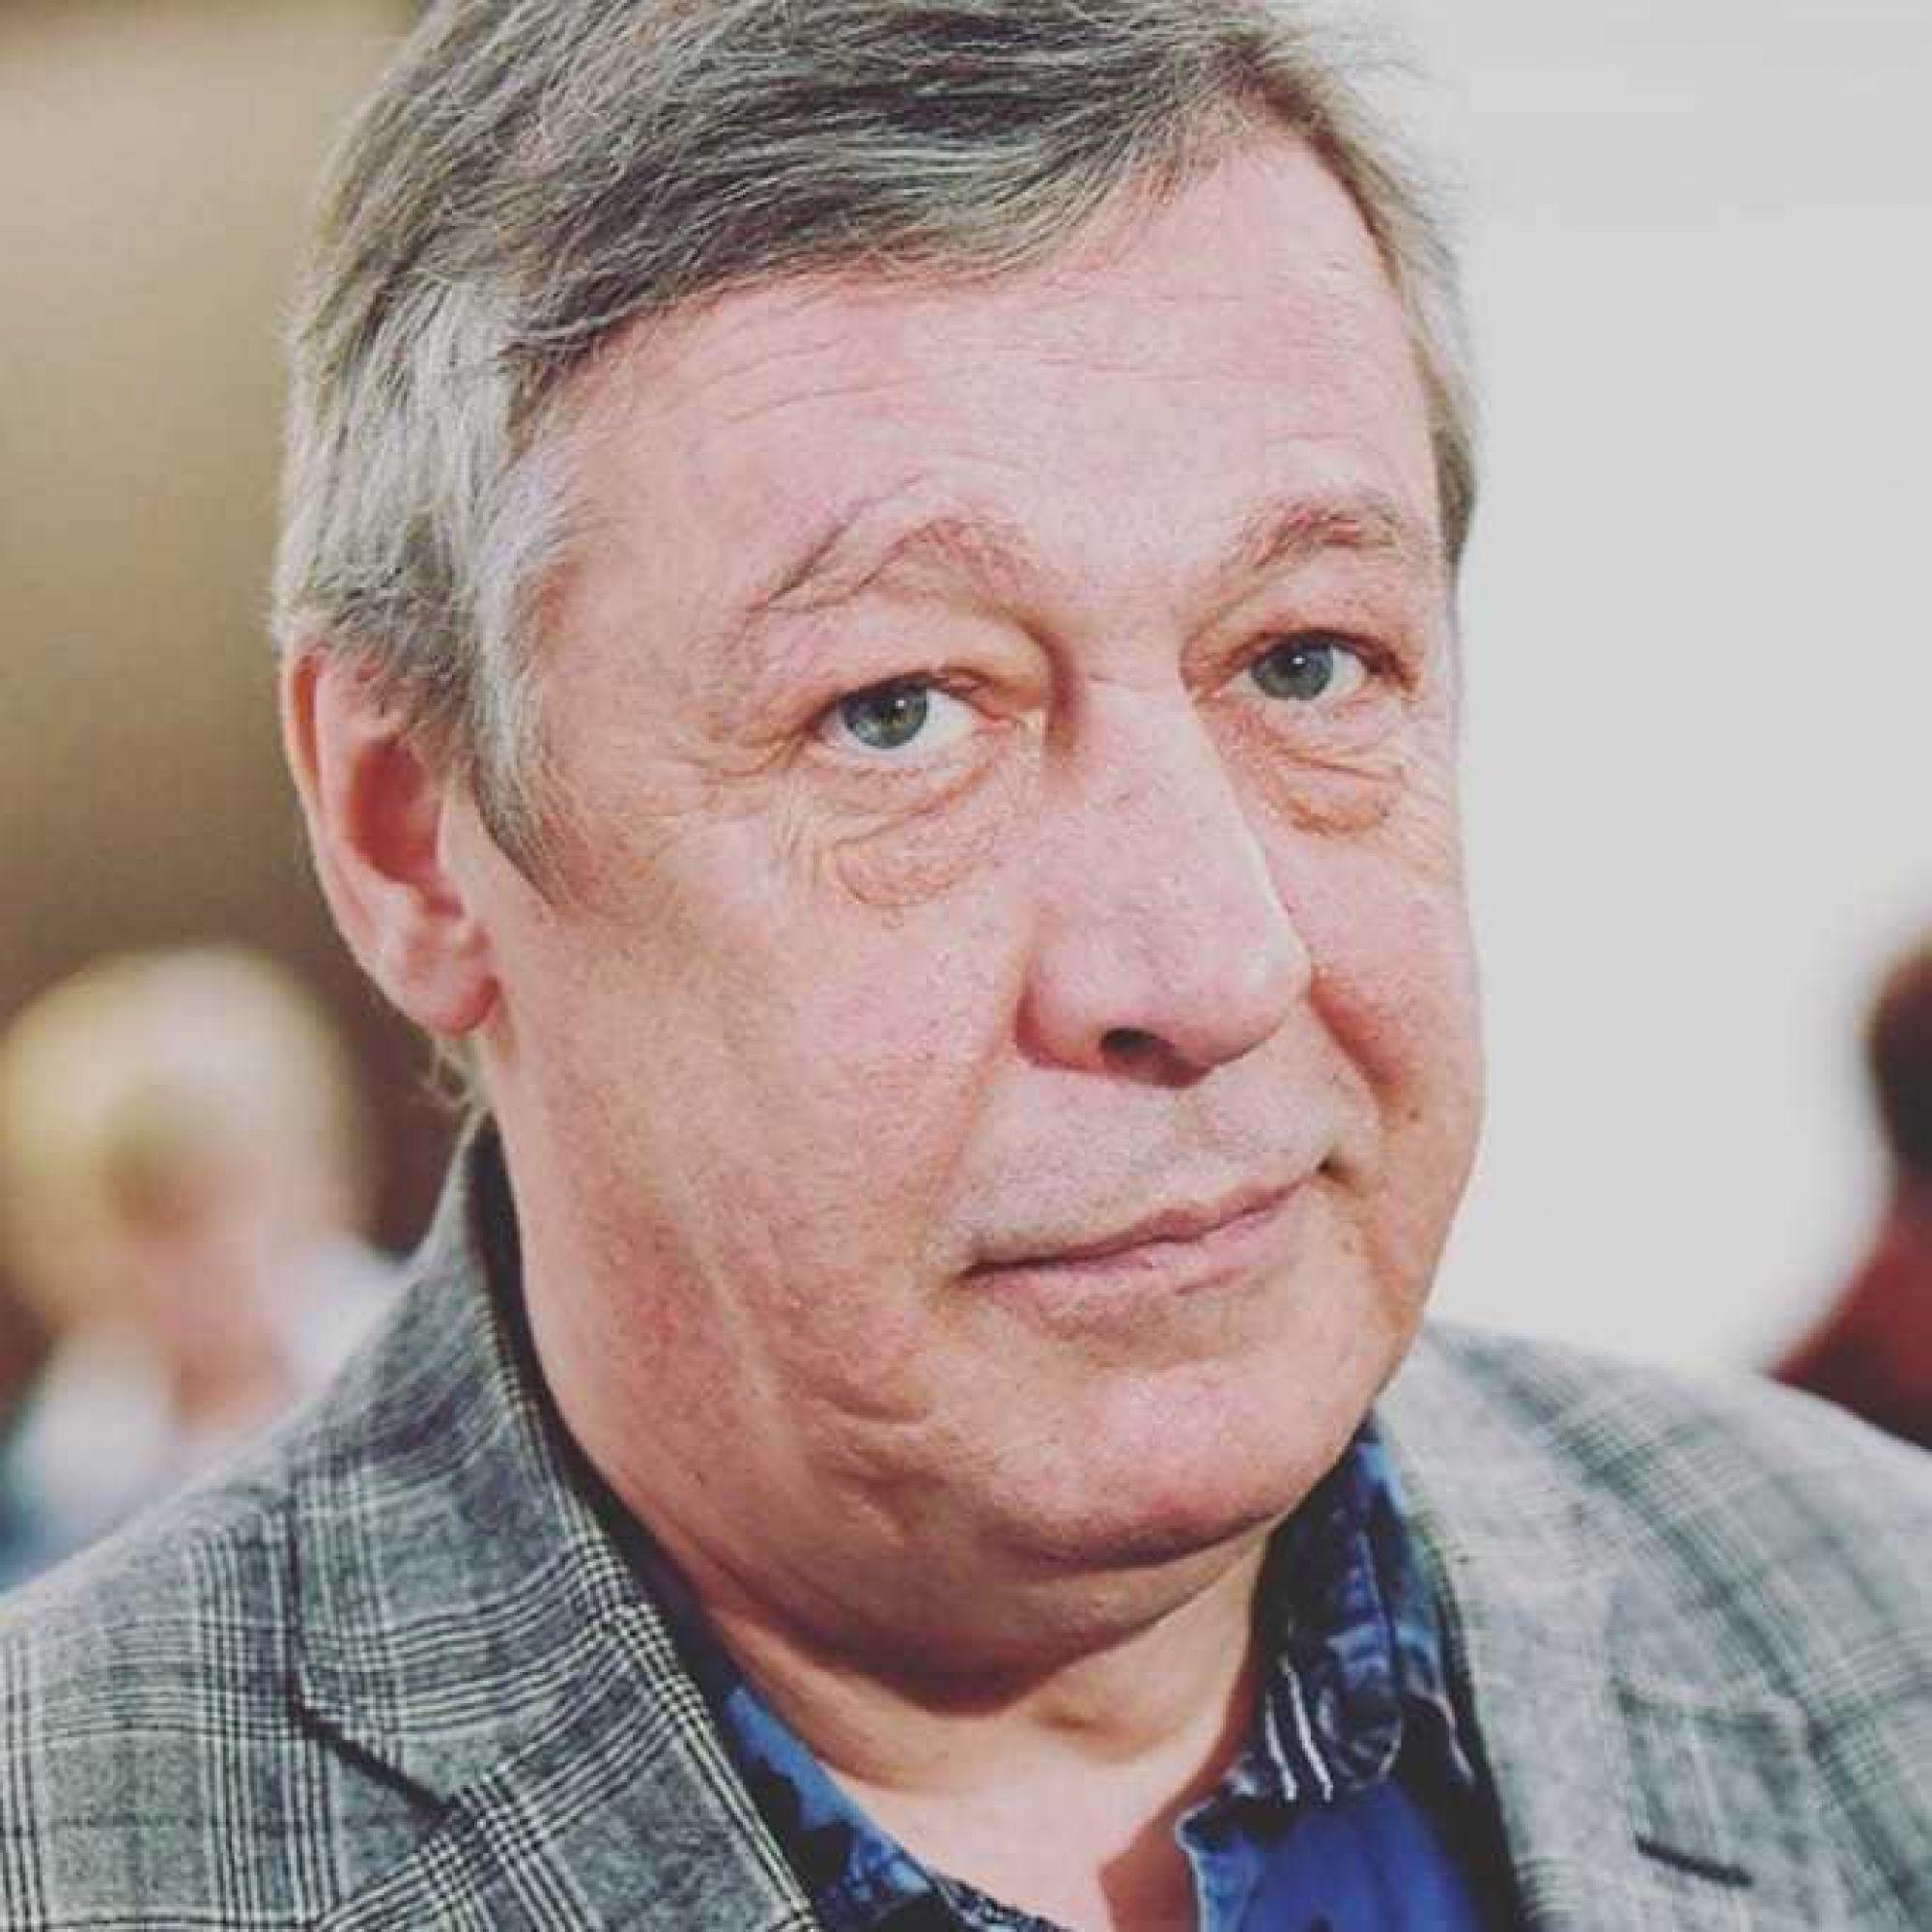 Михаил Ефремов совершил ДТП в состоянии алкогольного и наркотического опьянения